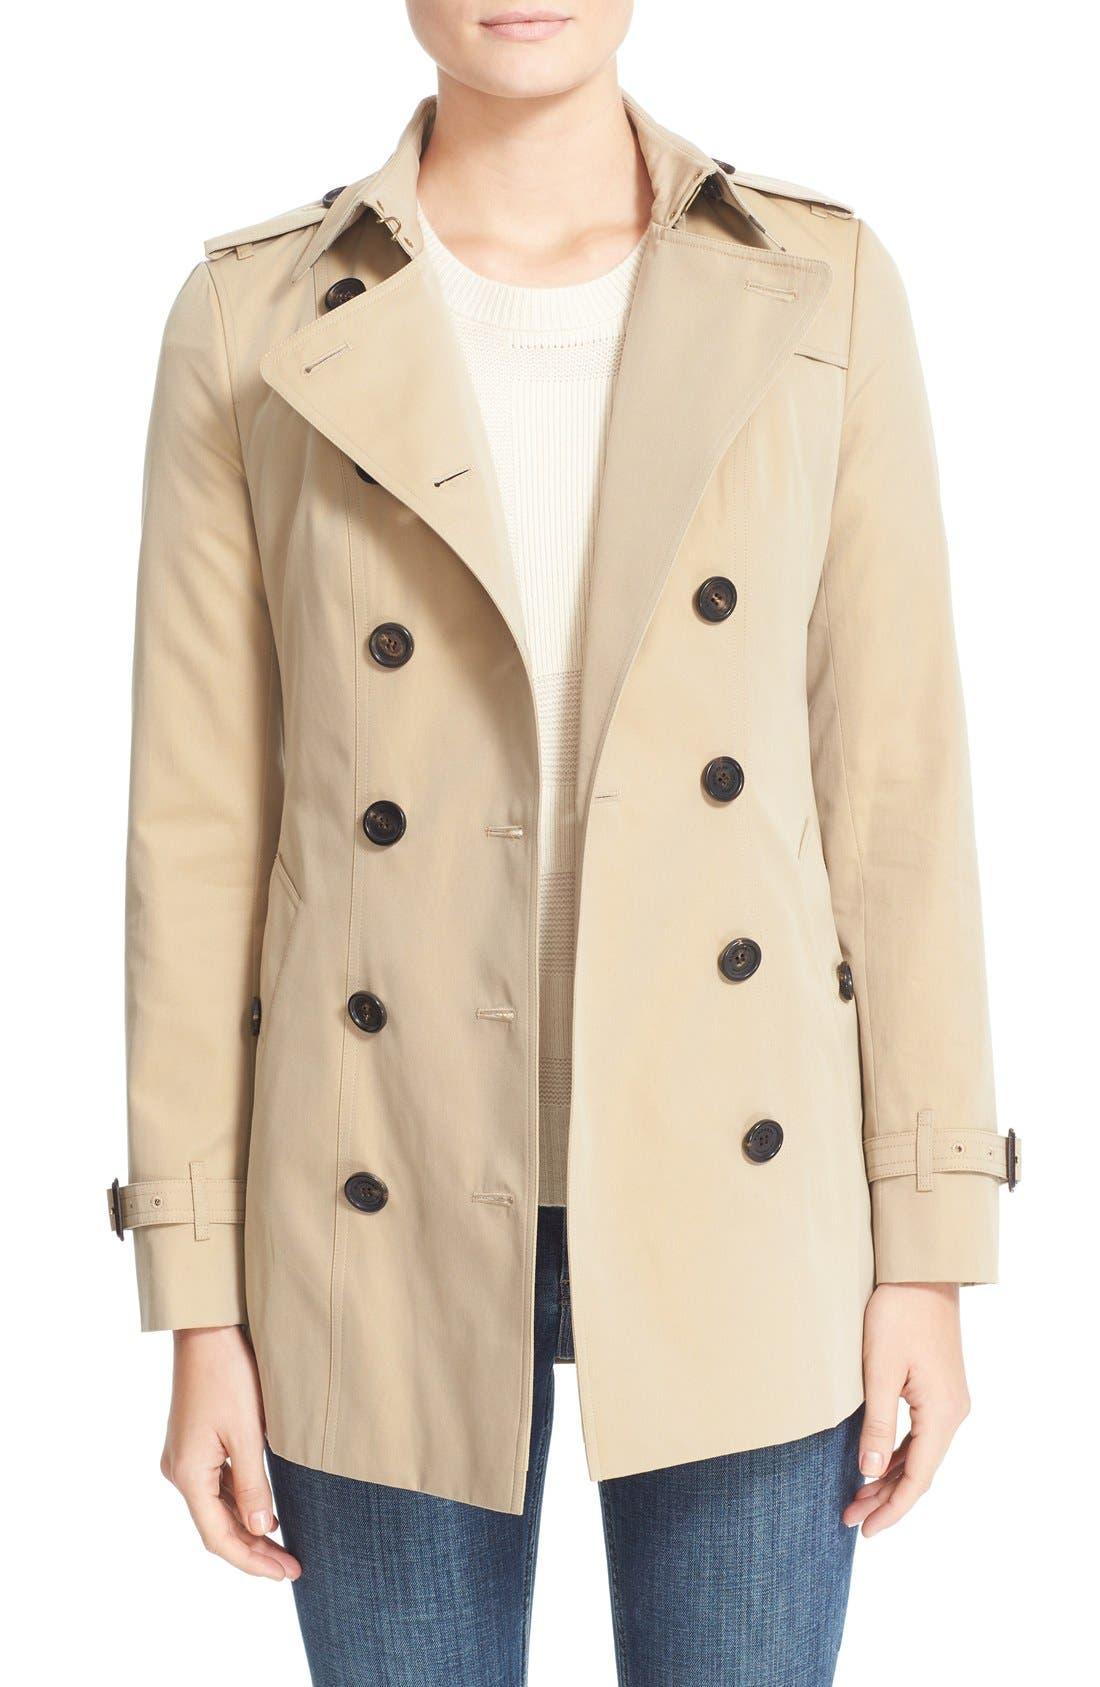 Burberry Sandringham Short Slim Trench Coat